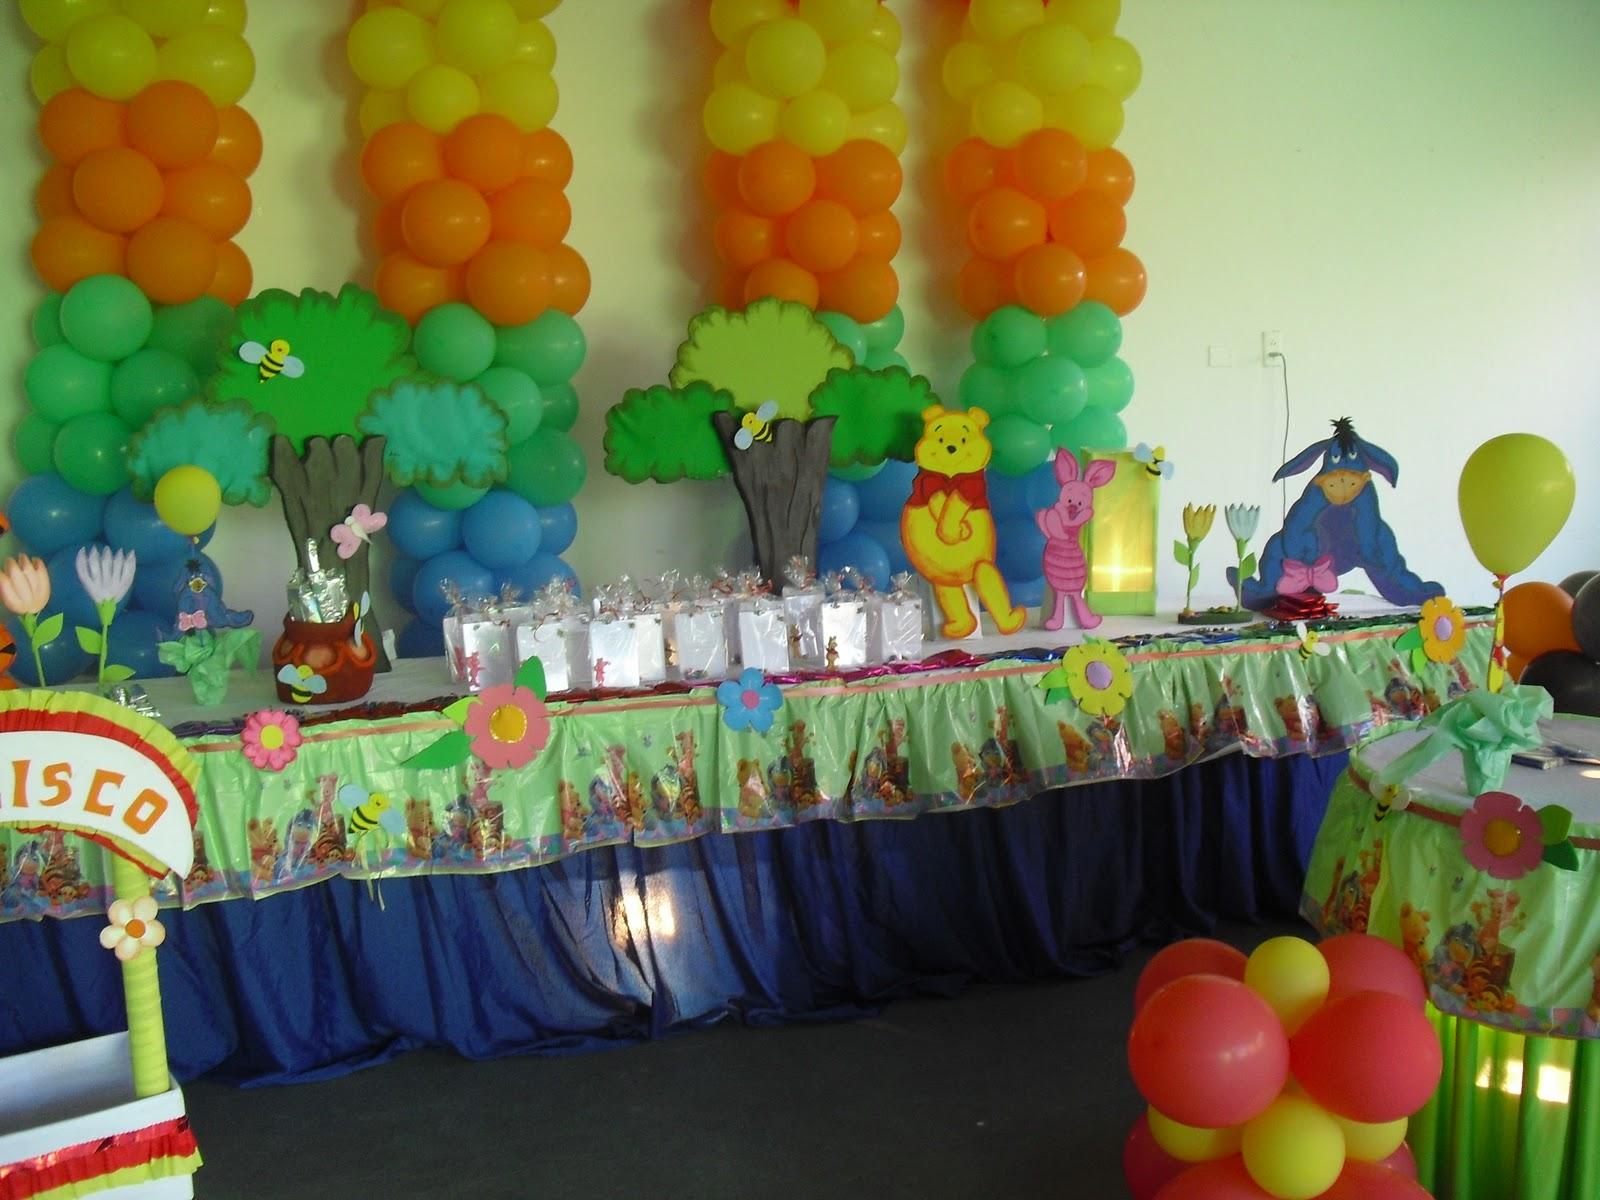 Pin decoraciones winnie pooh sus amigos para fiestas for Decoracion winnie pooh para fiesta infantil